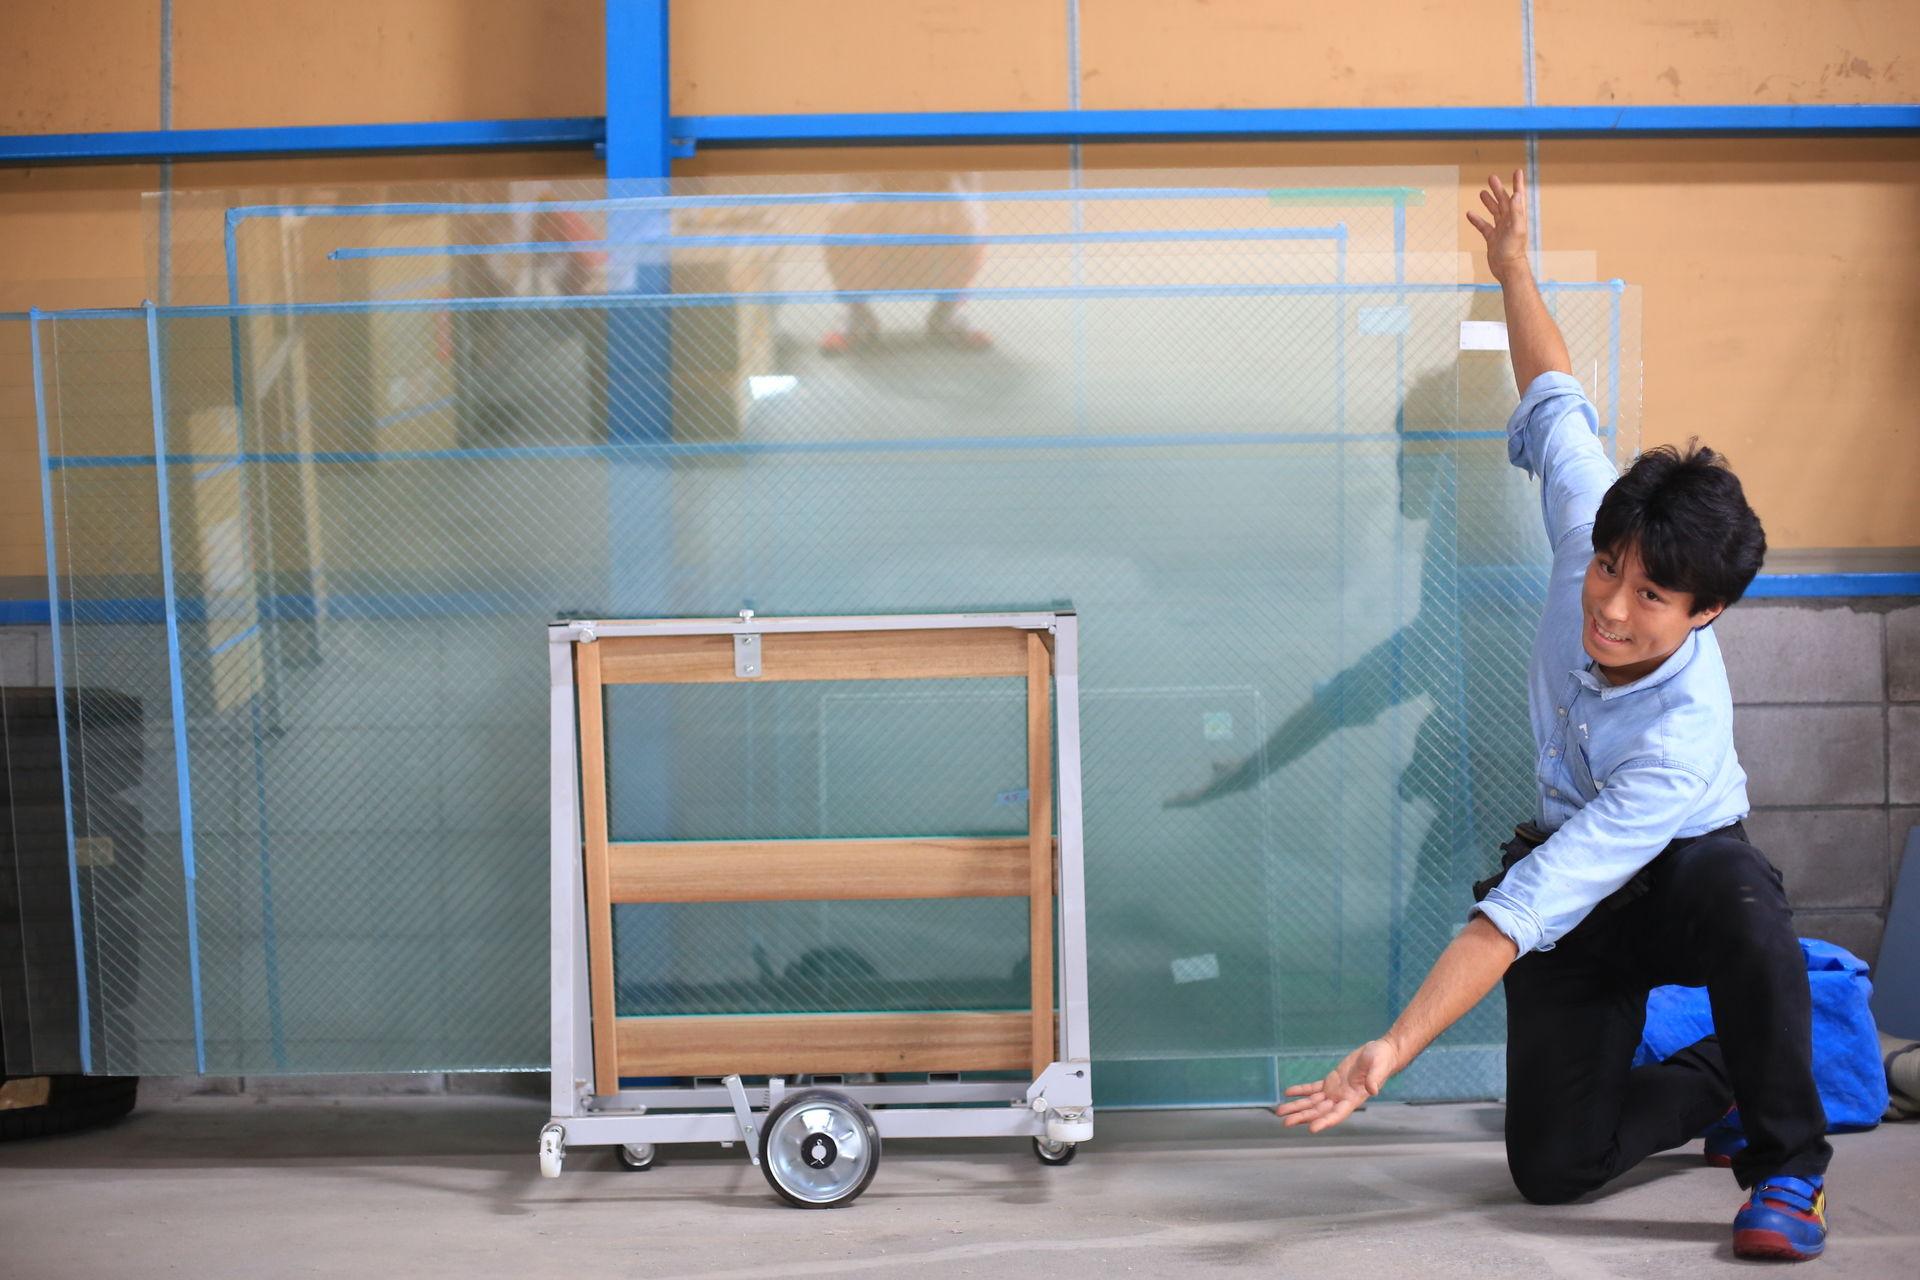 ガラスのトラブル救急車【大阪市港区 出張エリア】のメイン画像